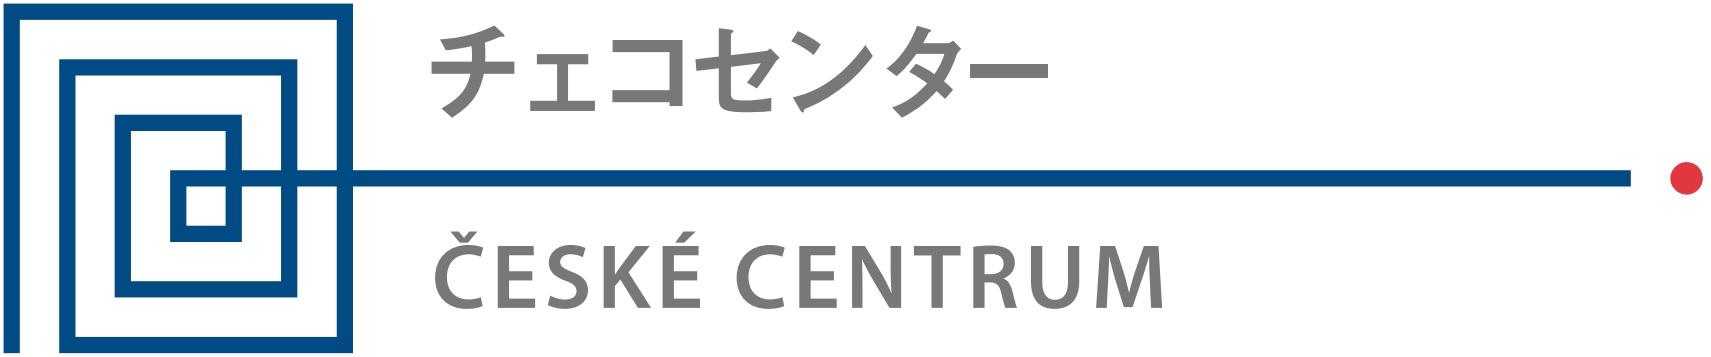 チェコセンター東京